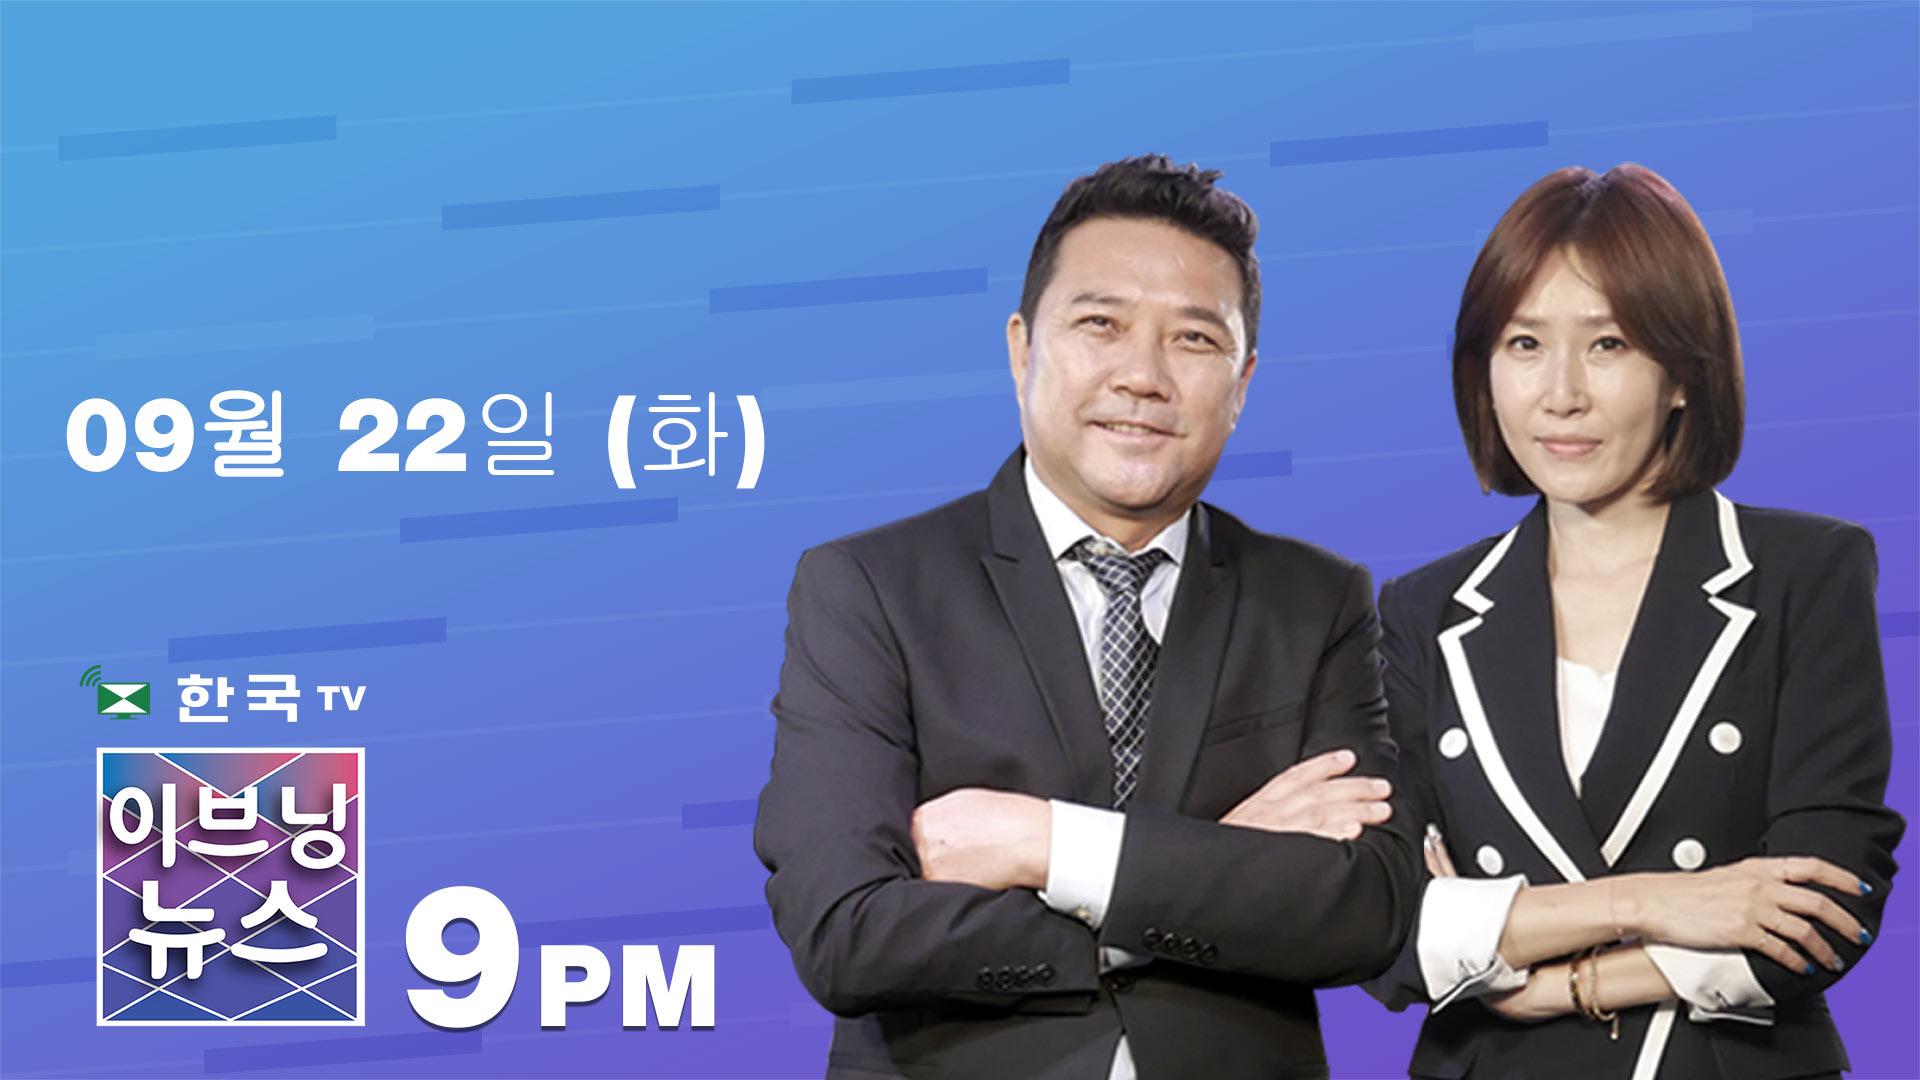 (09.22.2020) 한국TV 이브닝 뉴스